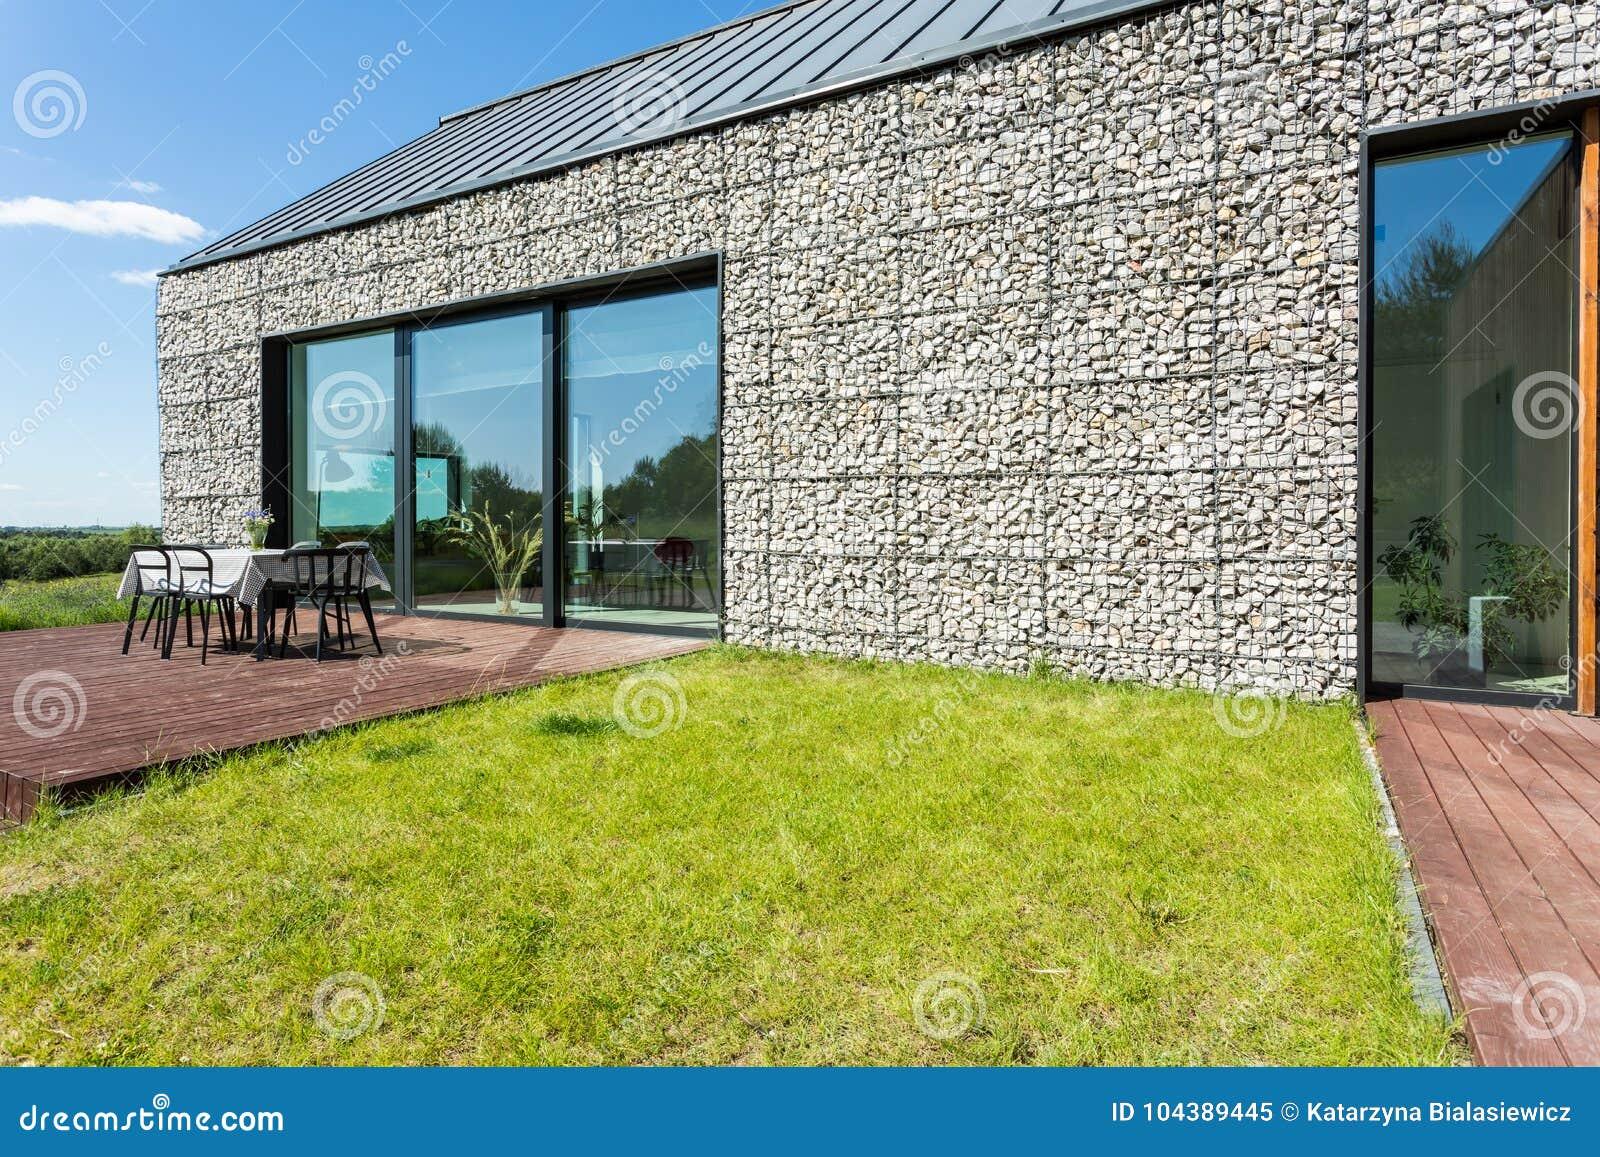 Stunning casa di campagna di pietra moderna with case di for Casa moderna in campagna